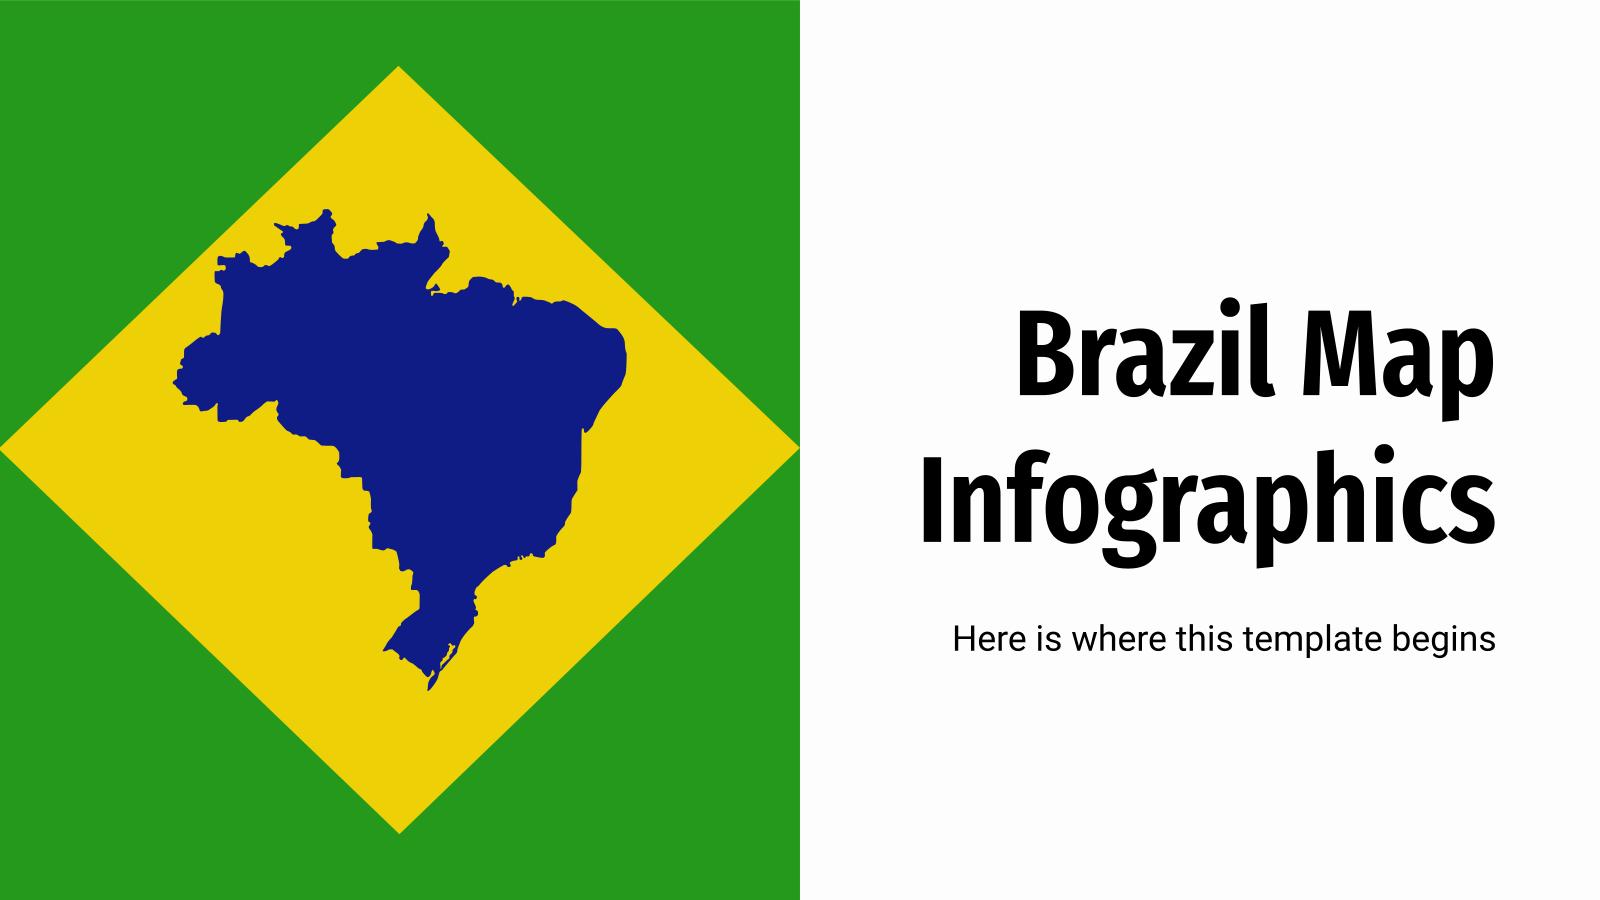 Infographies de la carte du Brésil : Modèles de présentation